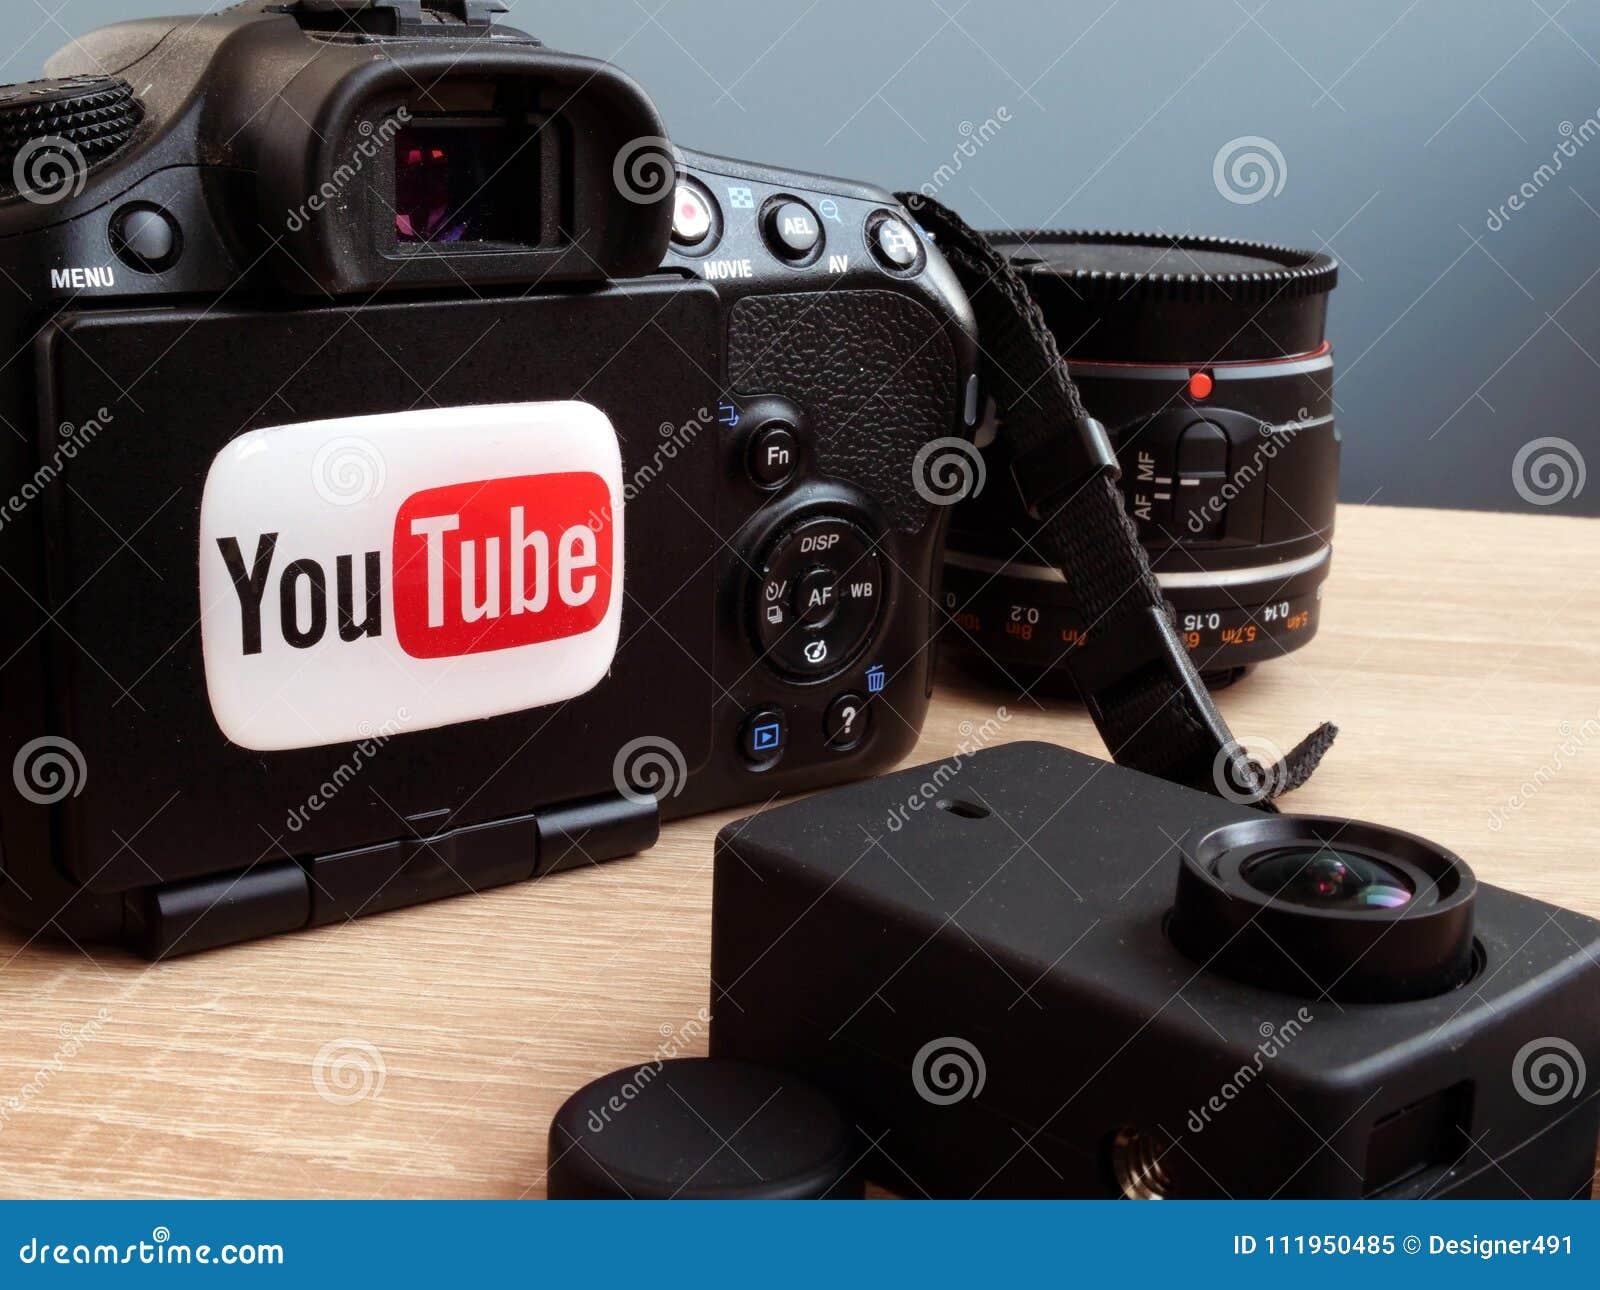 04 Maart 2018 Kyiv ukraine YouTubeembleem op een camera Het video blogging of vlogs concept